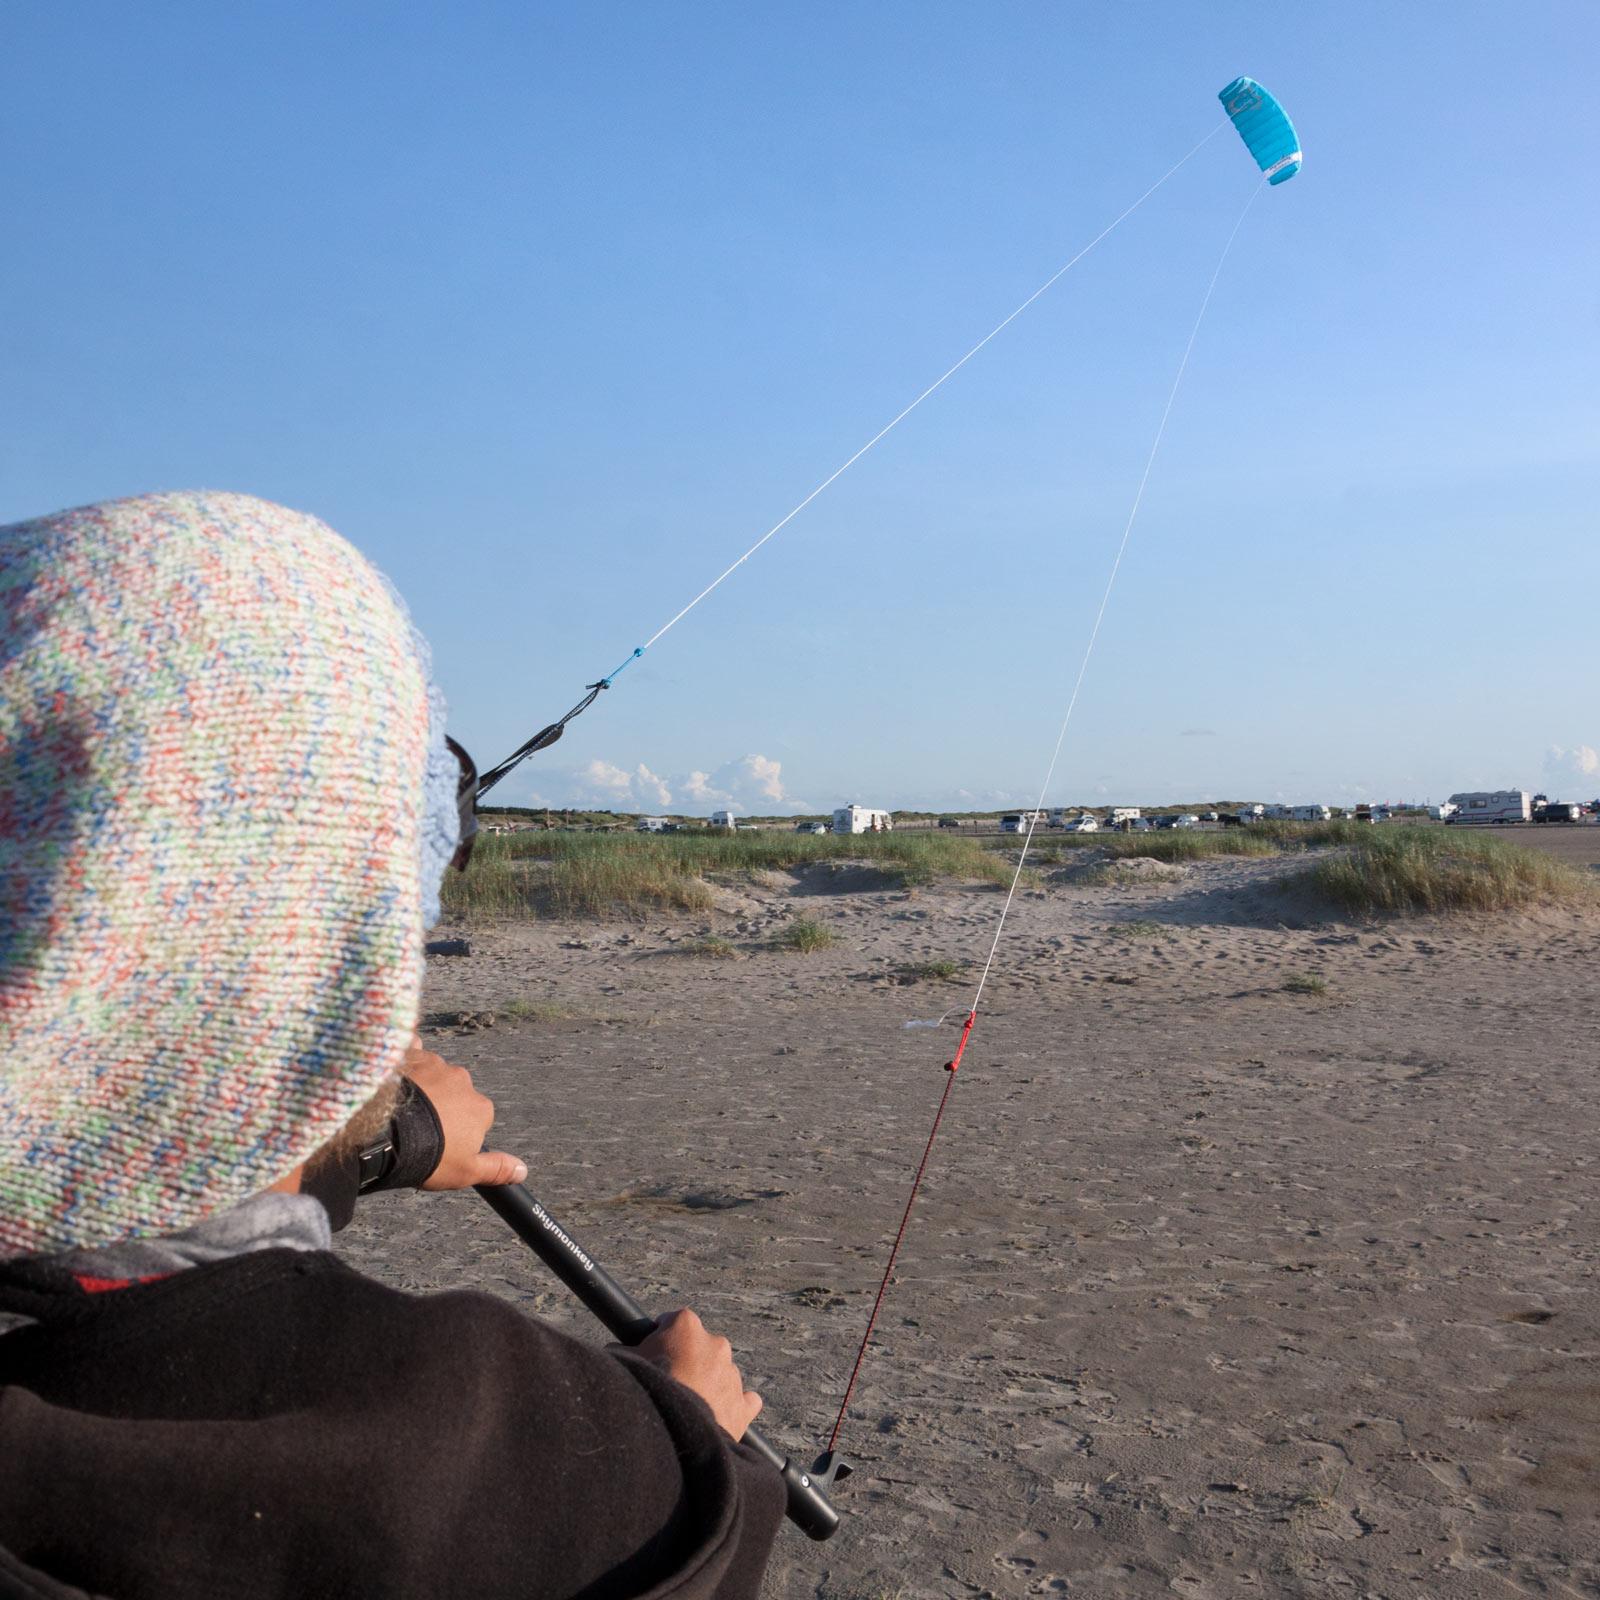 Indexbild 12 - Lenkdrachen SKYMONKEY Skystormer Lenkmatte Flugdrachen Kite Drachen Lenk Matte